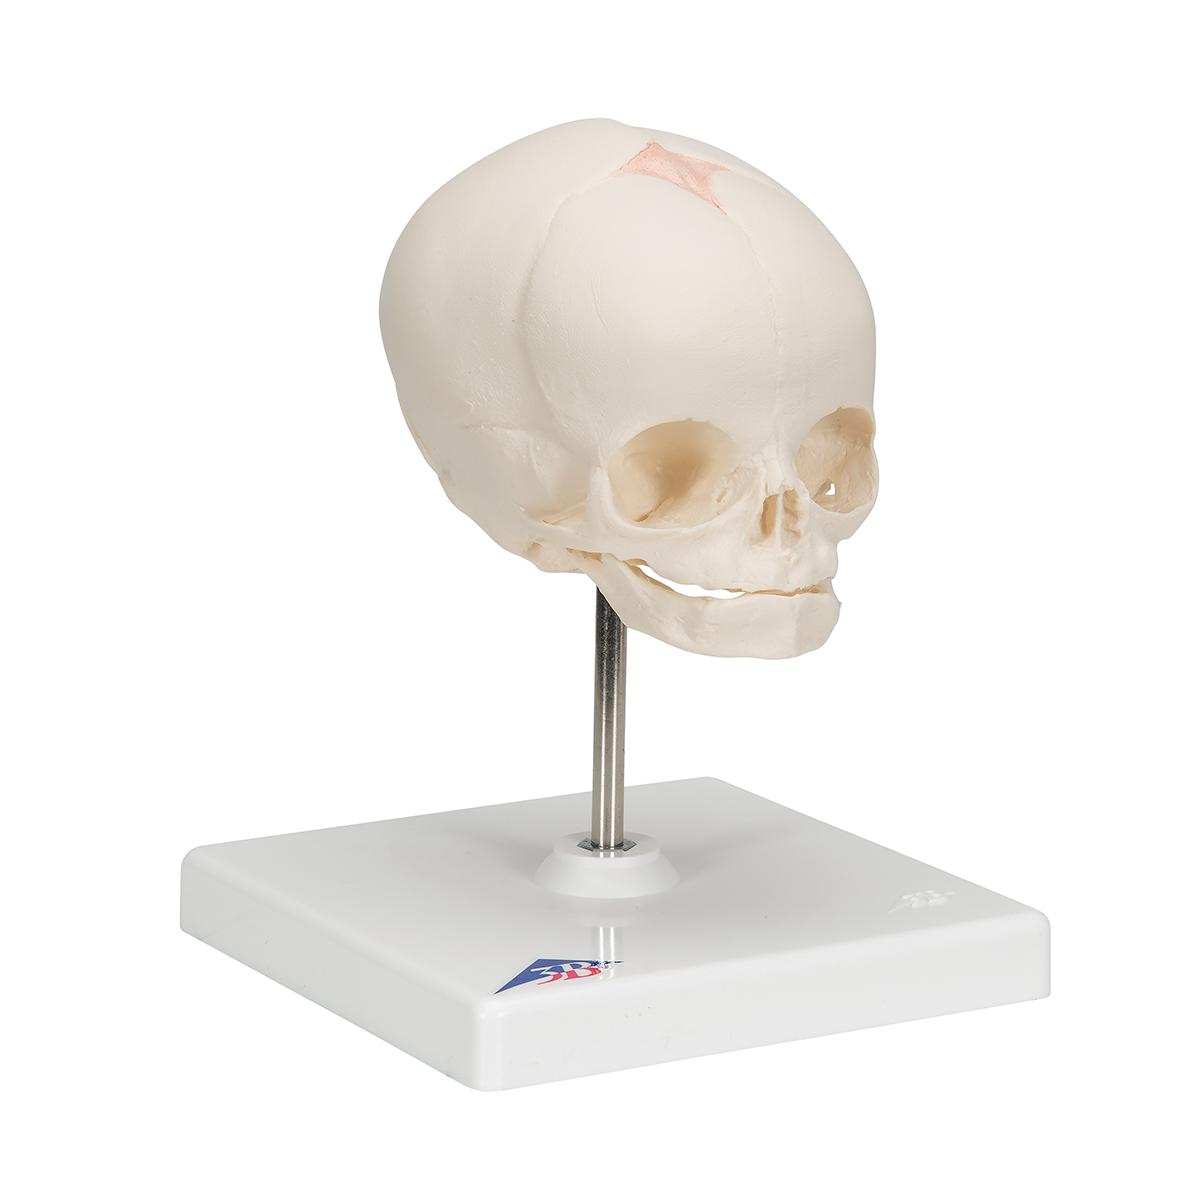 Anatomical Teaching Model - Human Skull Model - Plastic Skull Model ...